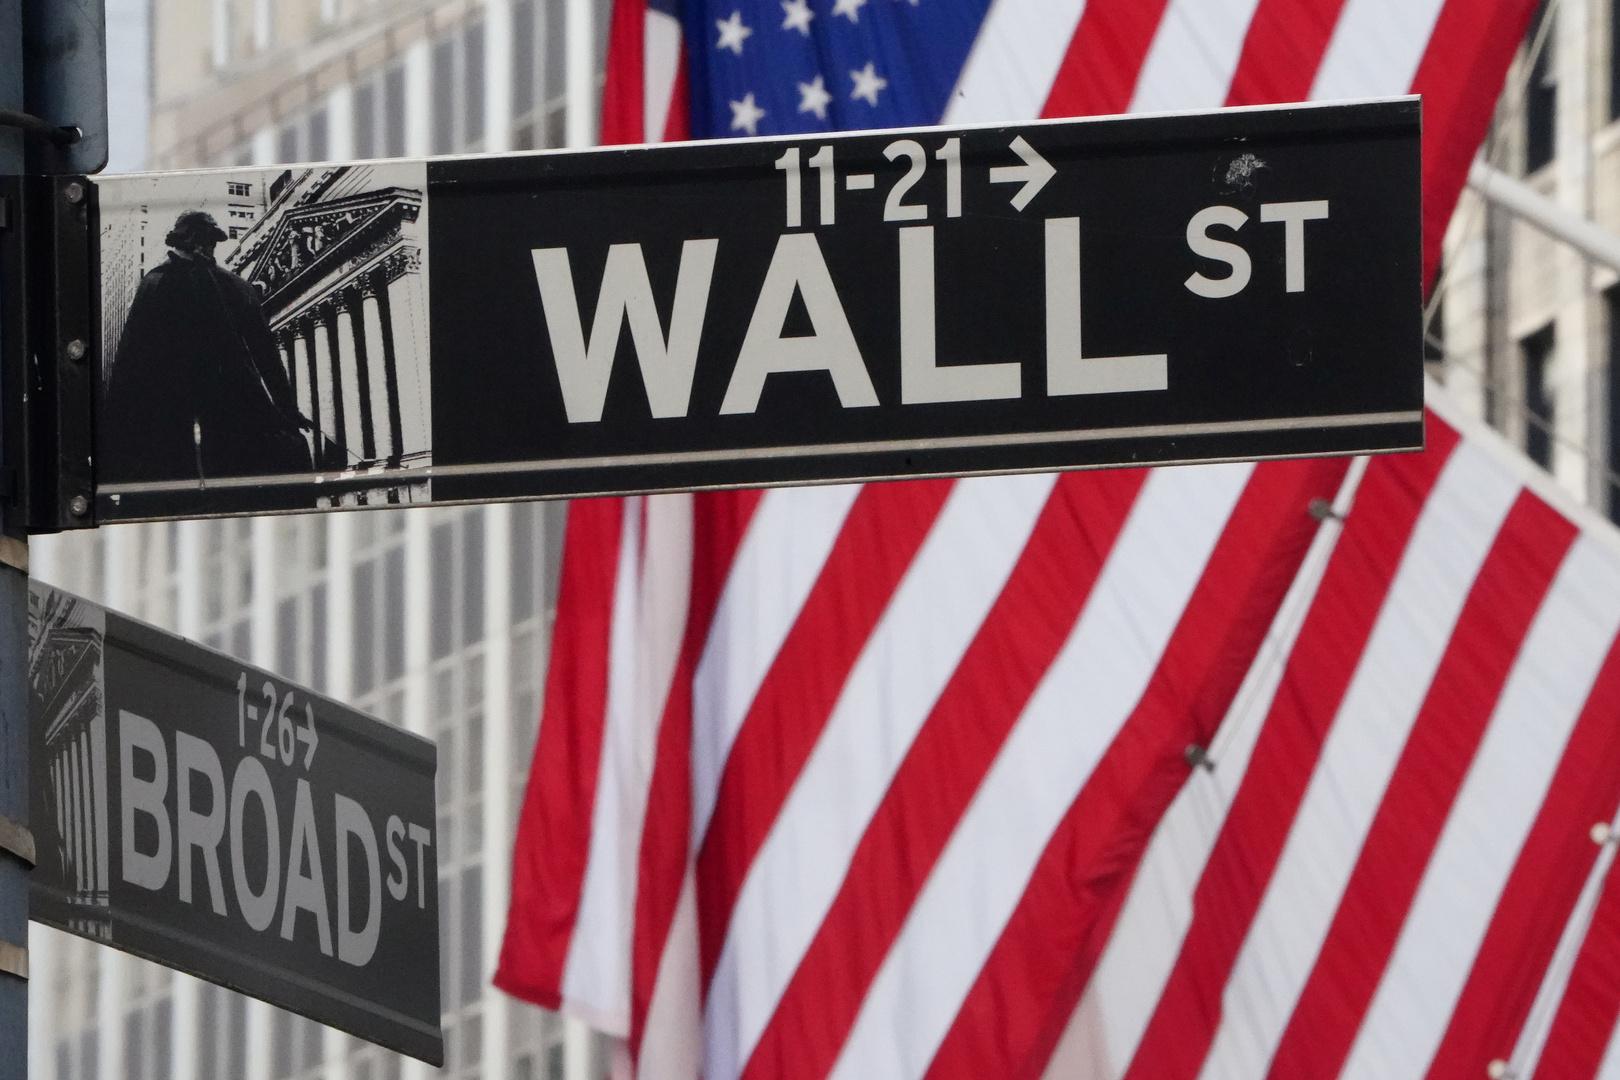 لافتة طريق إلى وول ستريت في نيويورك